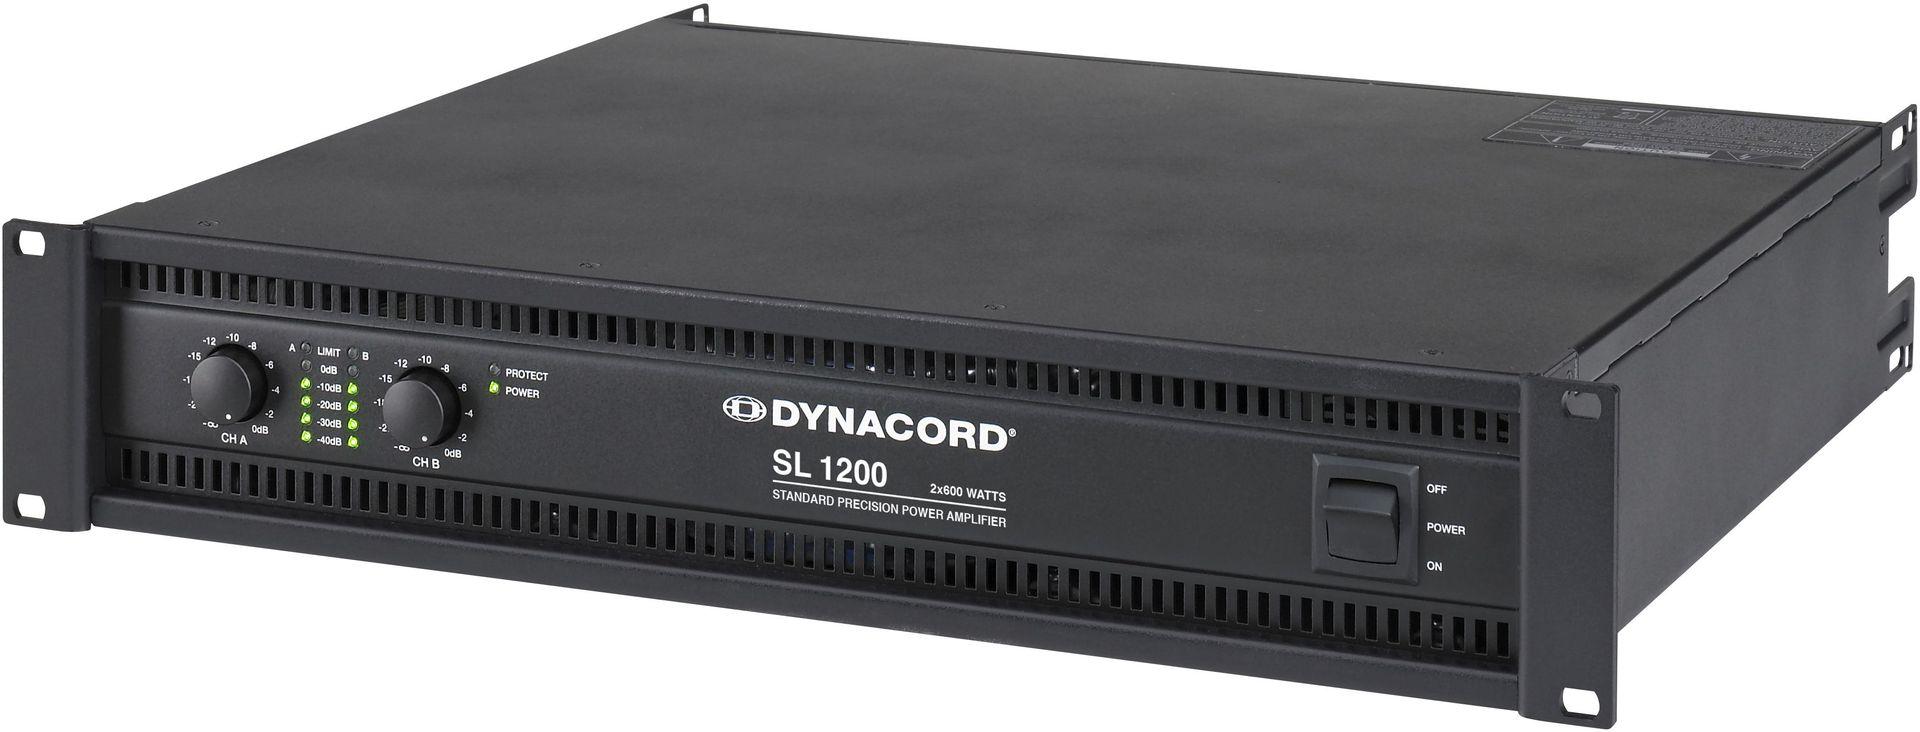 Dynacord SL 1200 Endstufe 2x600 Watt 2HE Power Amp 1200 W